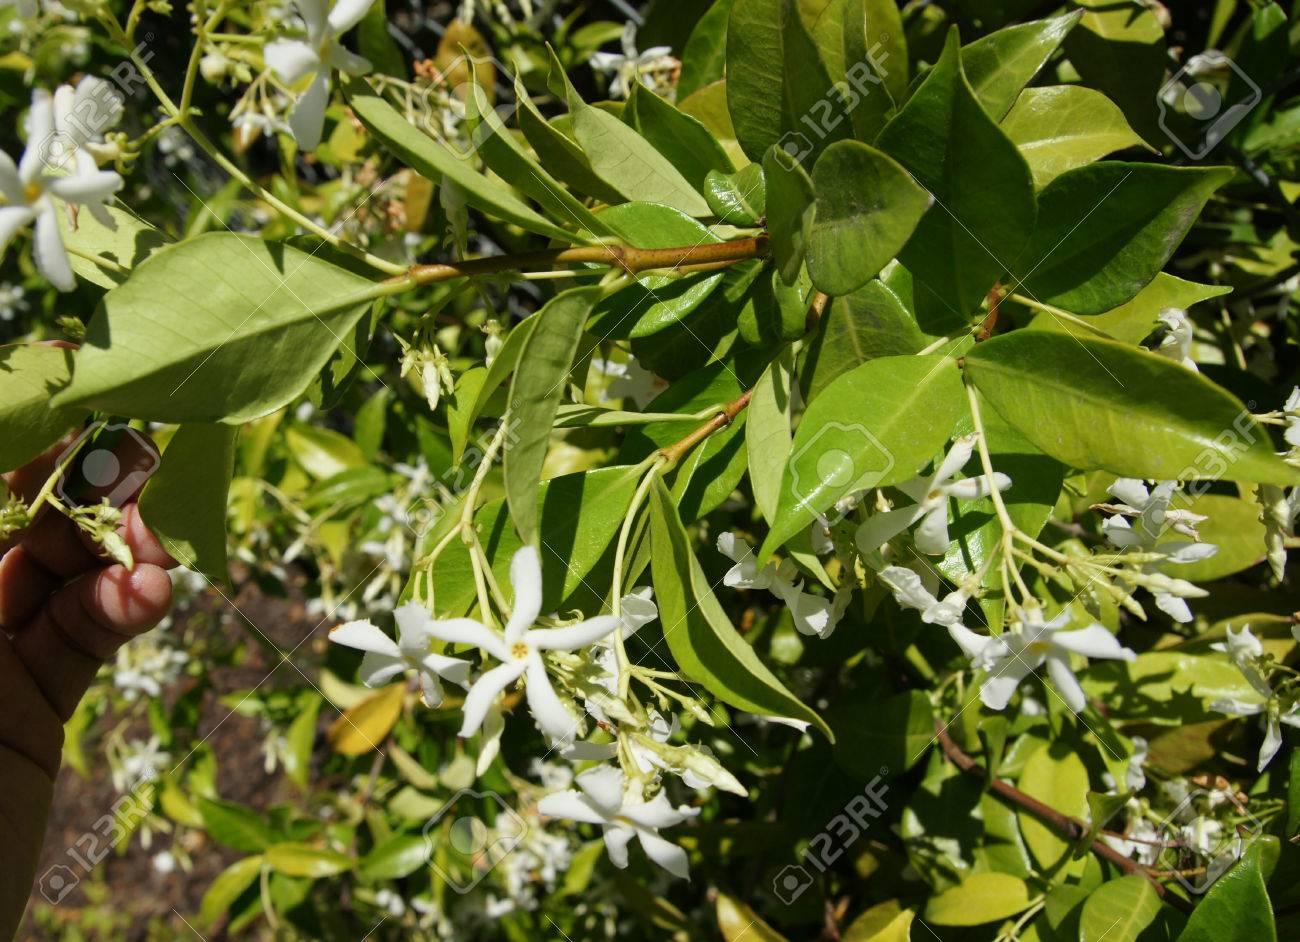 Star Jasmine Trachelospermum Jasminoides Evergreen Woody Liana